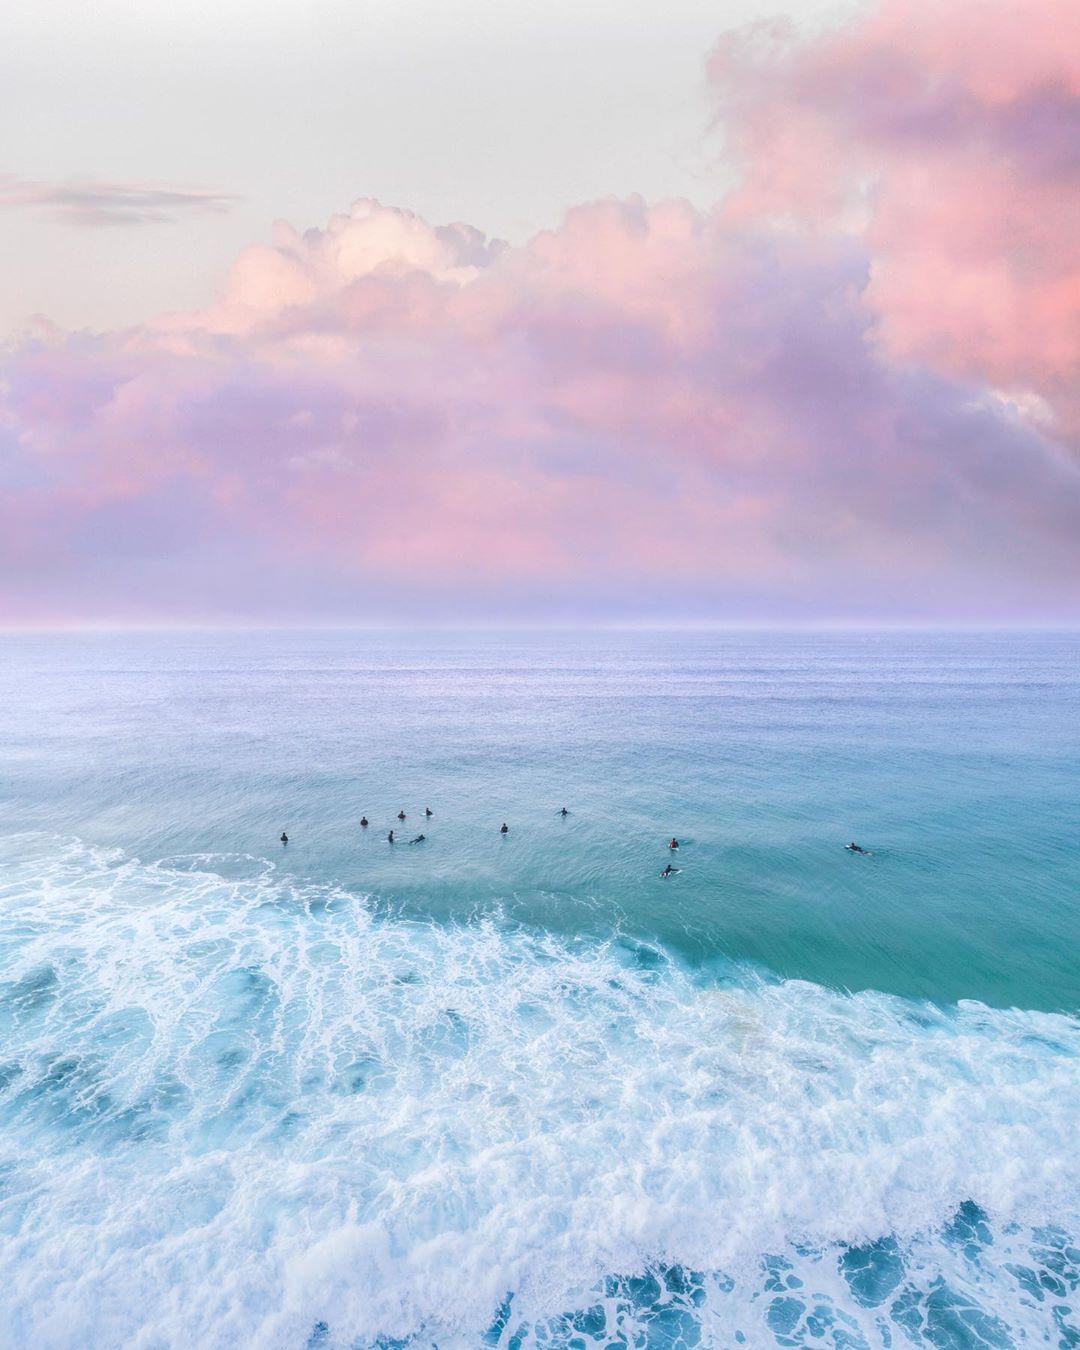 Ben From Ocean Feels